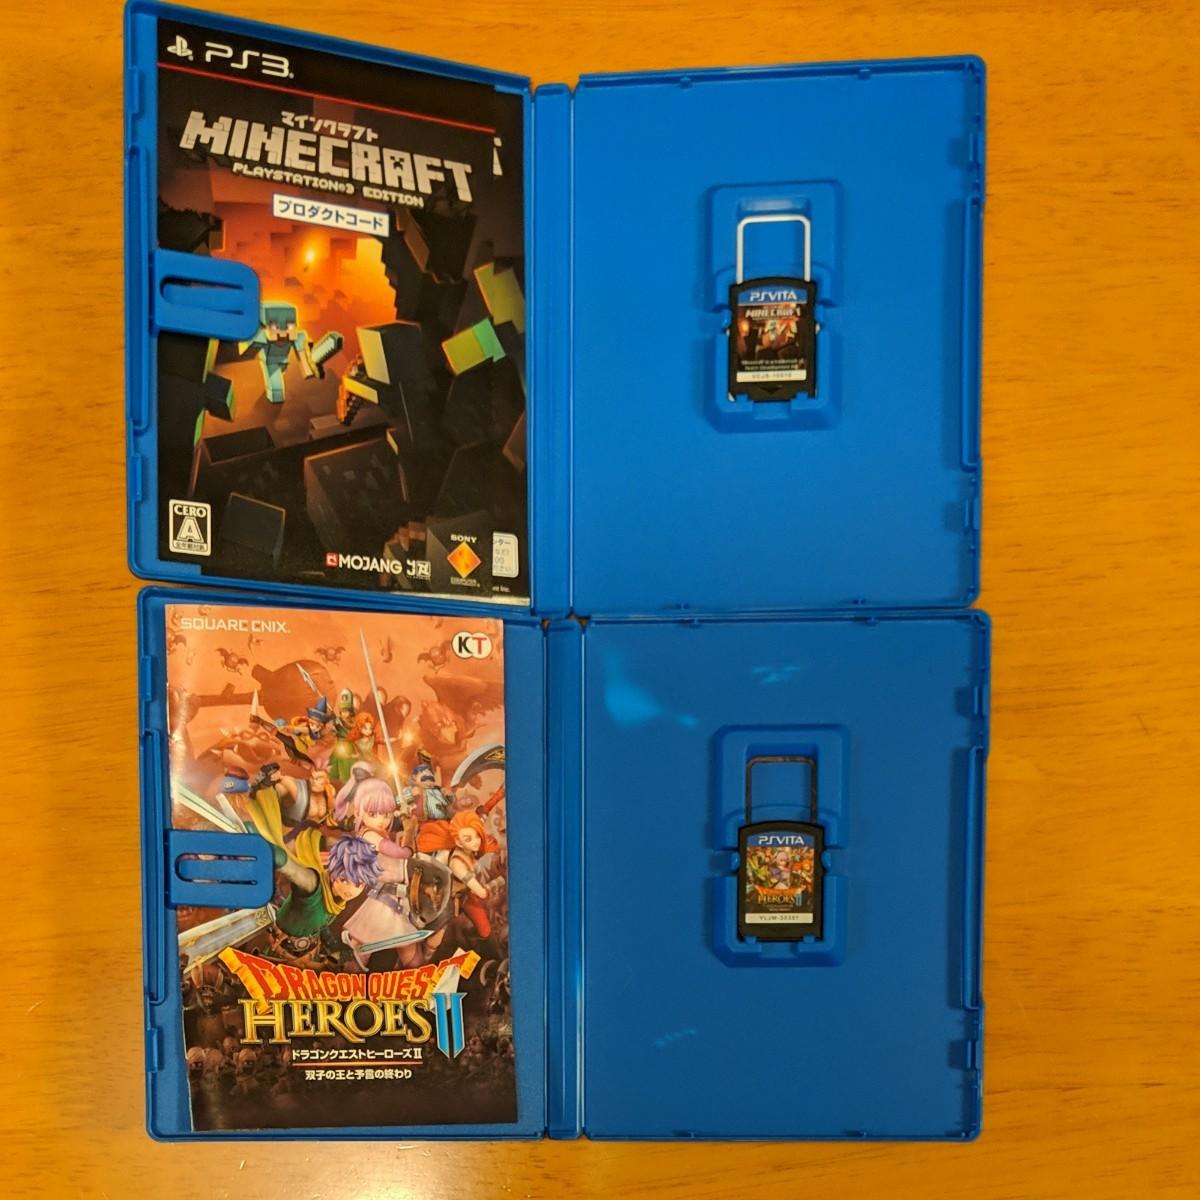 PS Vita  VITA ソフト ドラゴンクエストヒーローズII 双子の王と予言の終わり マインクラフト